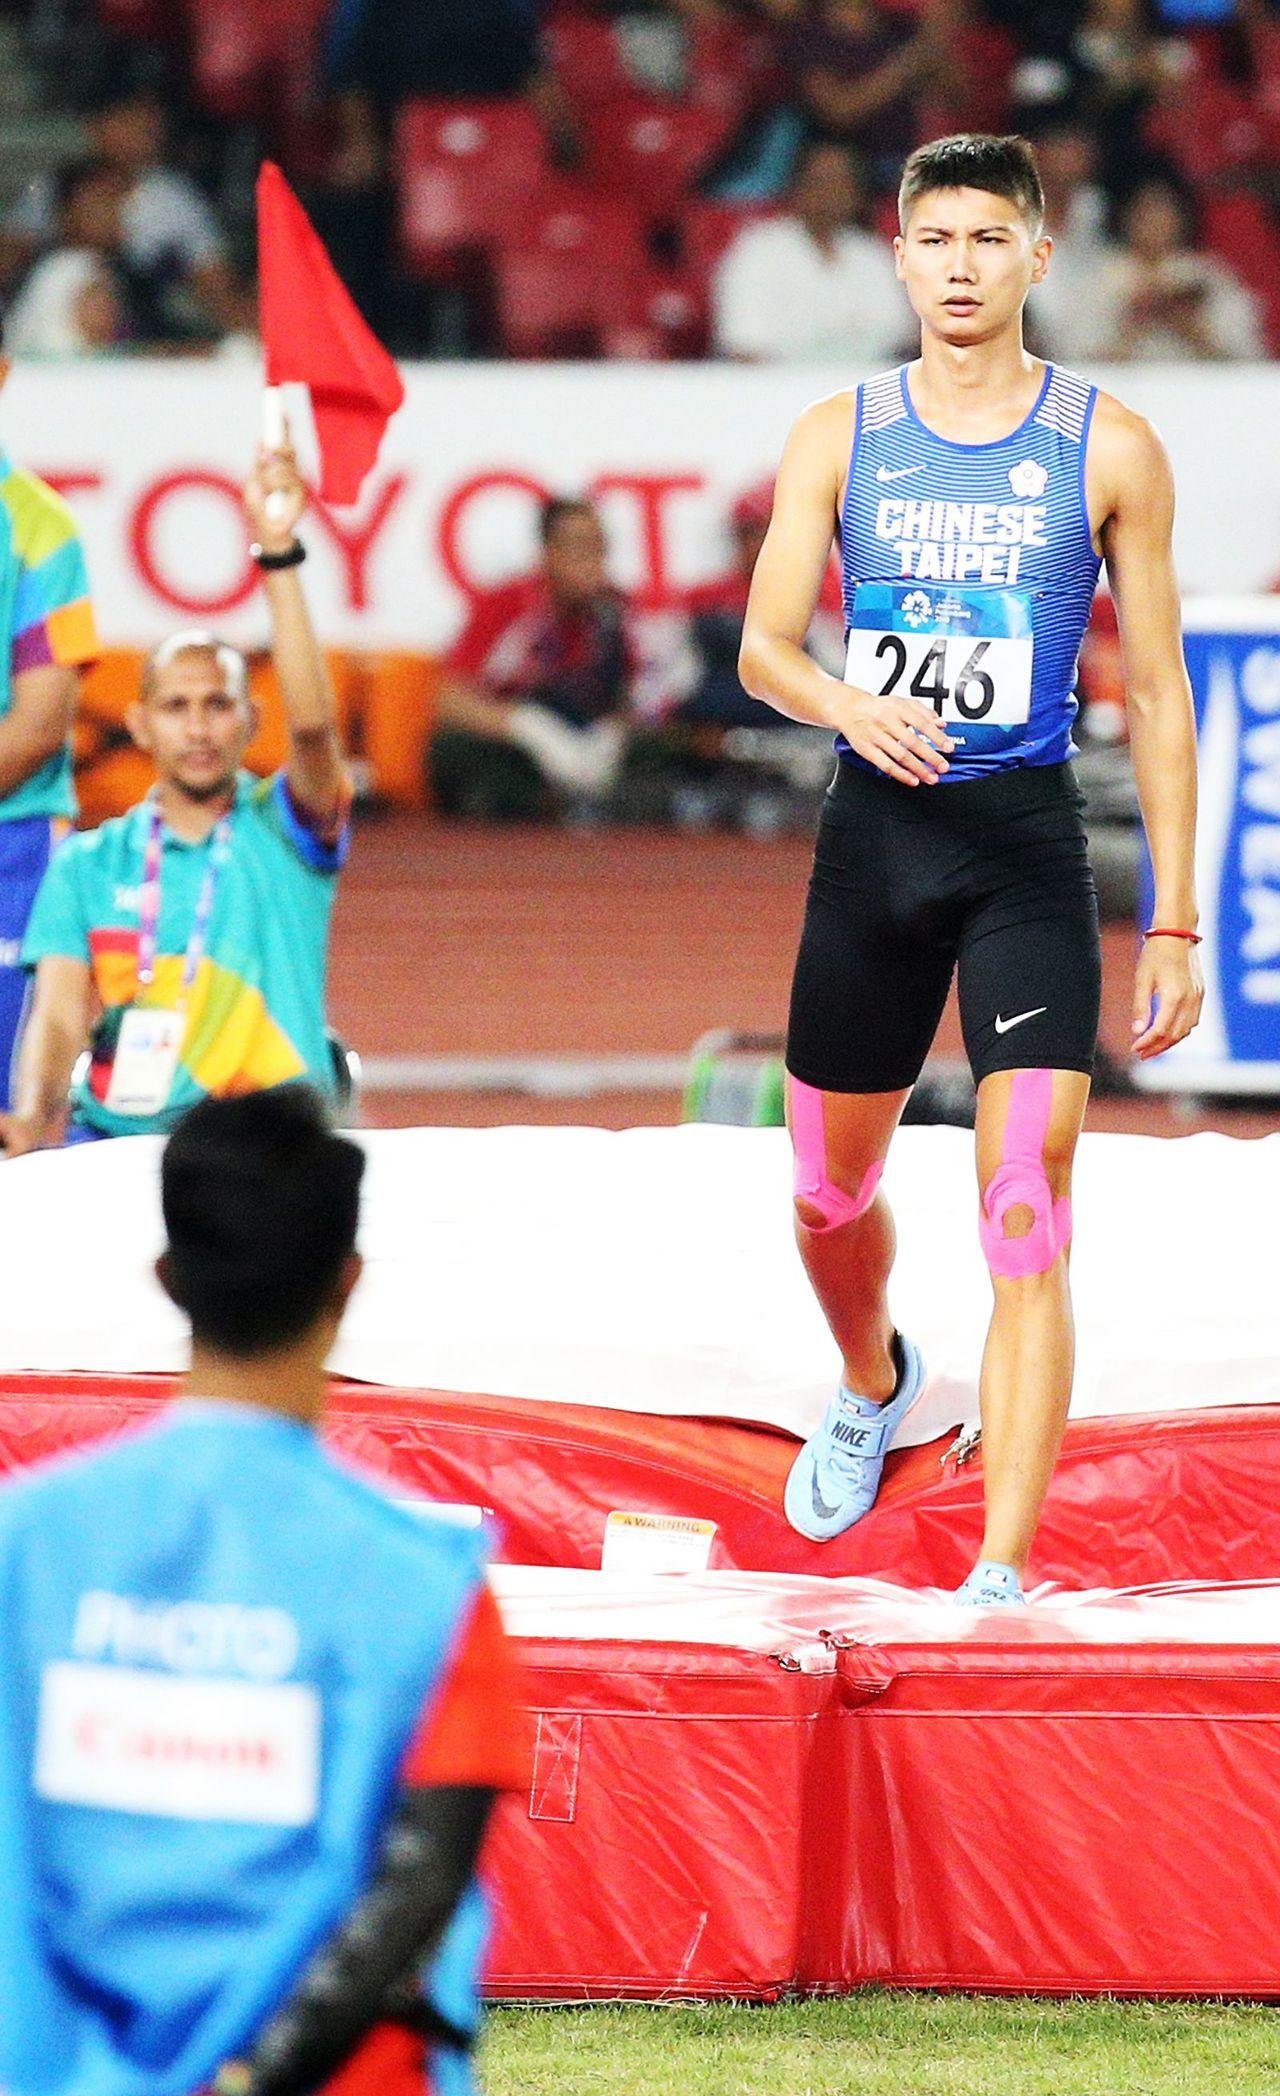 雅加達亞運,「跳高王子」向俊賢三次試跳未過2公尺15,在決賽出局。特派記者陳正興...